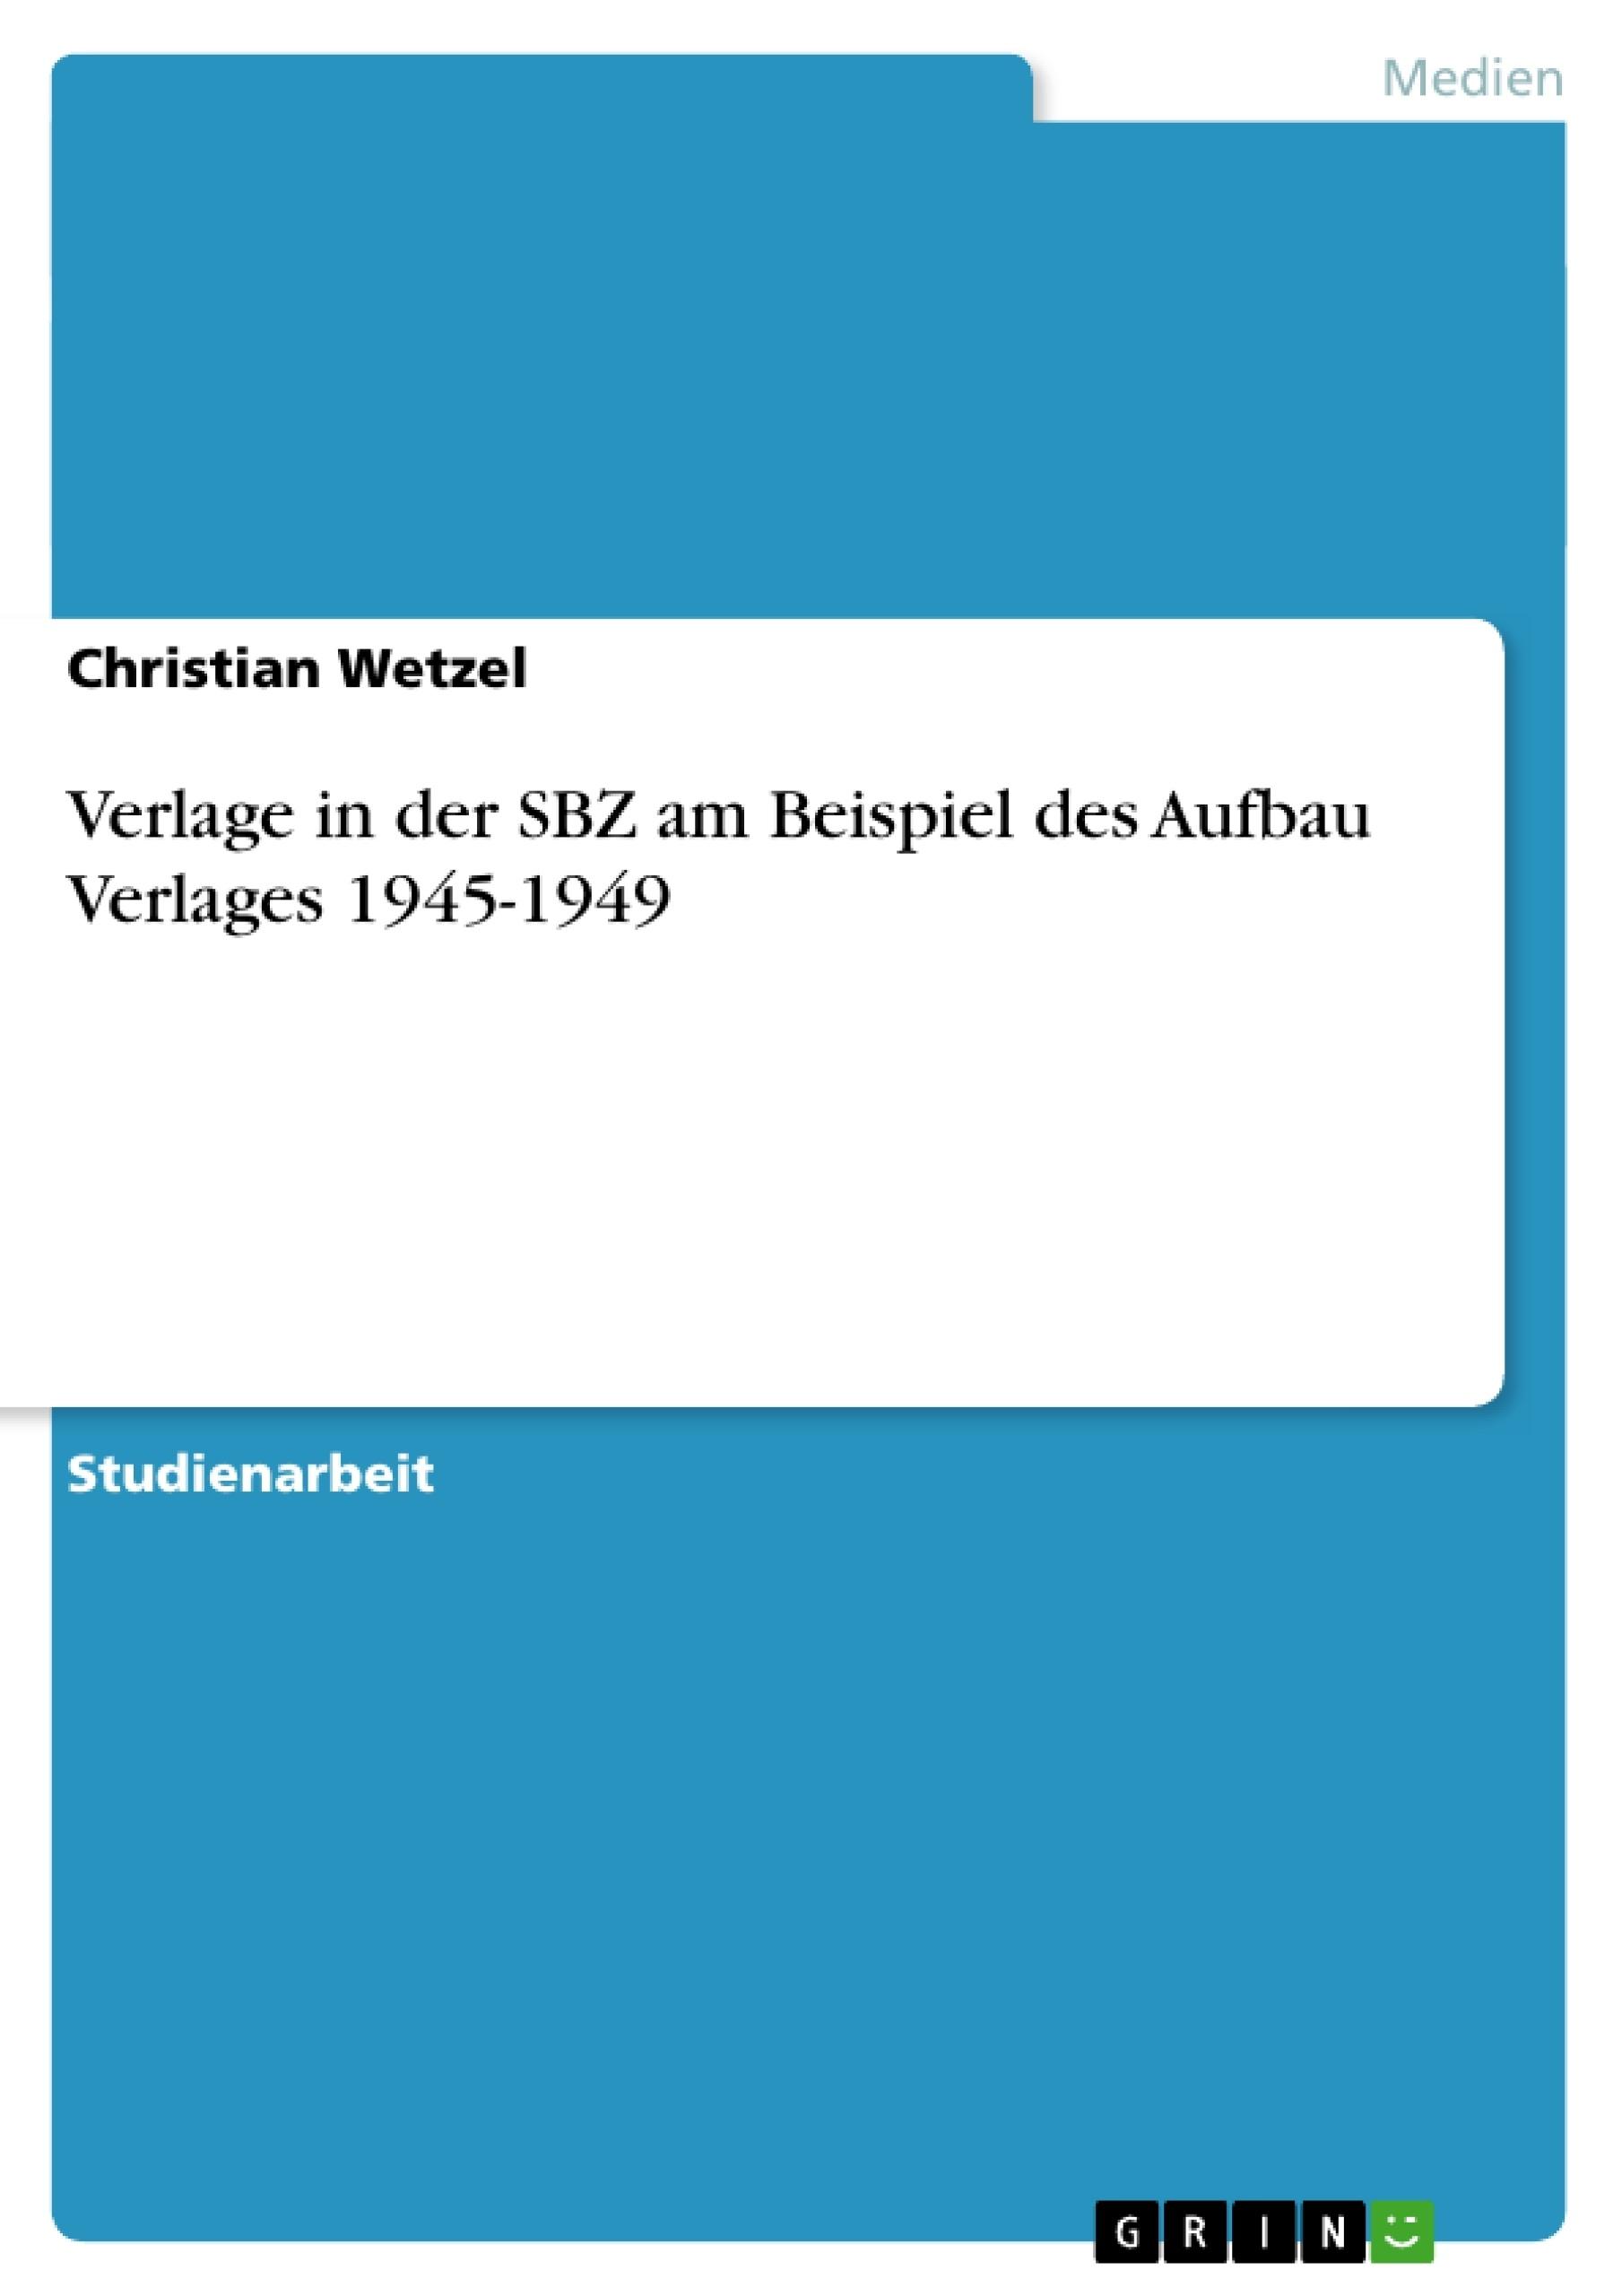 Titel: Verlage in der SBZ am Beispiel des Aufbau Verlages 1945-1949